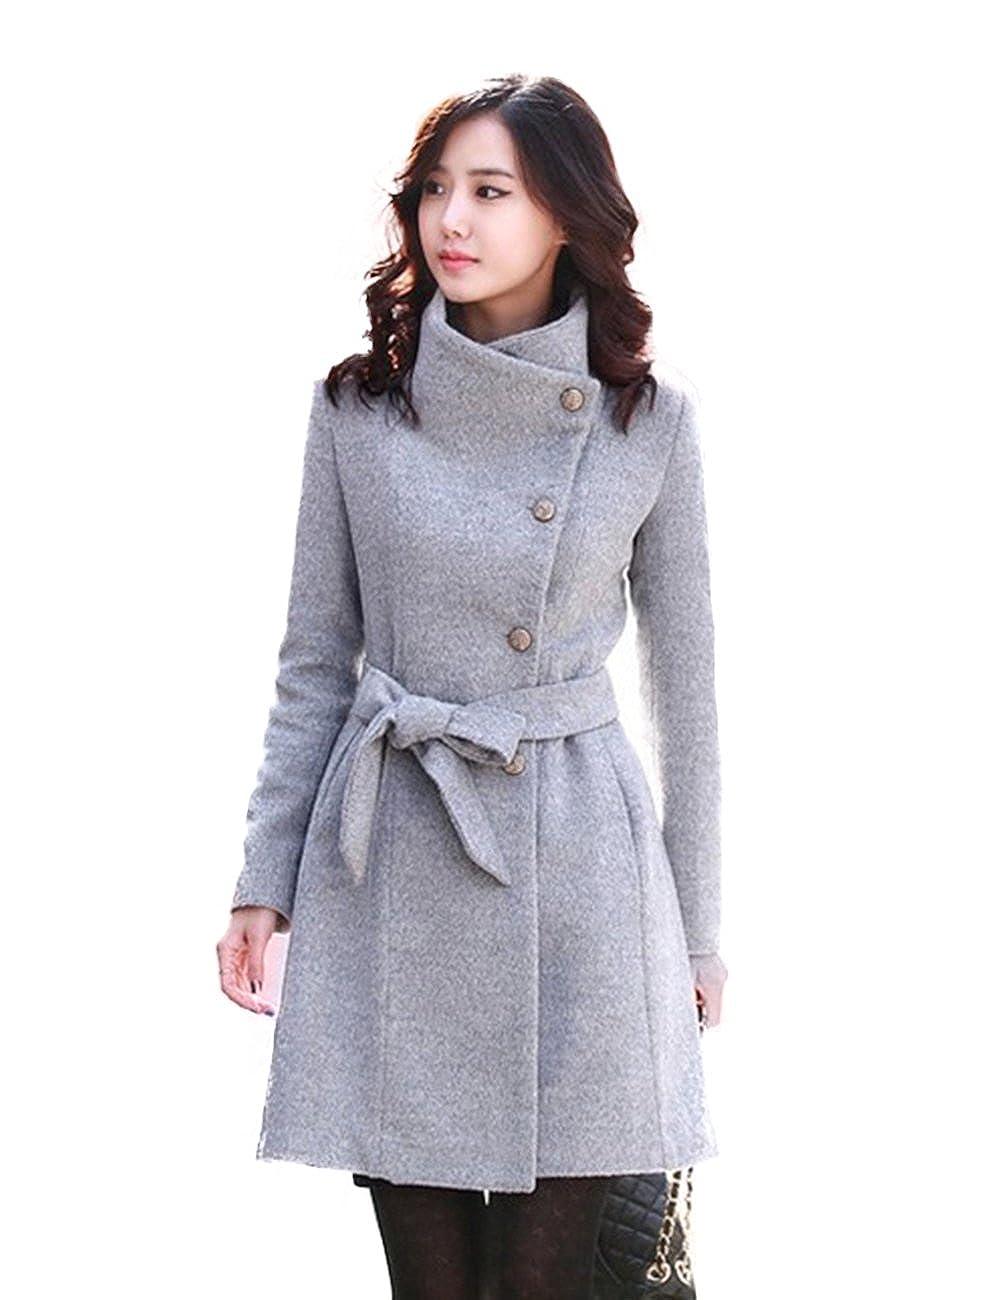 Angelia Women Wool Blends Coat Slim Trench Winter Coat Long Jacket Outwear With Belt